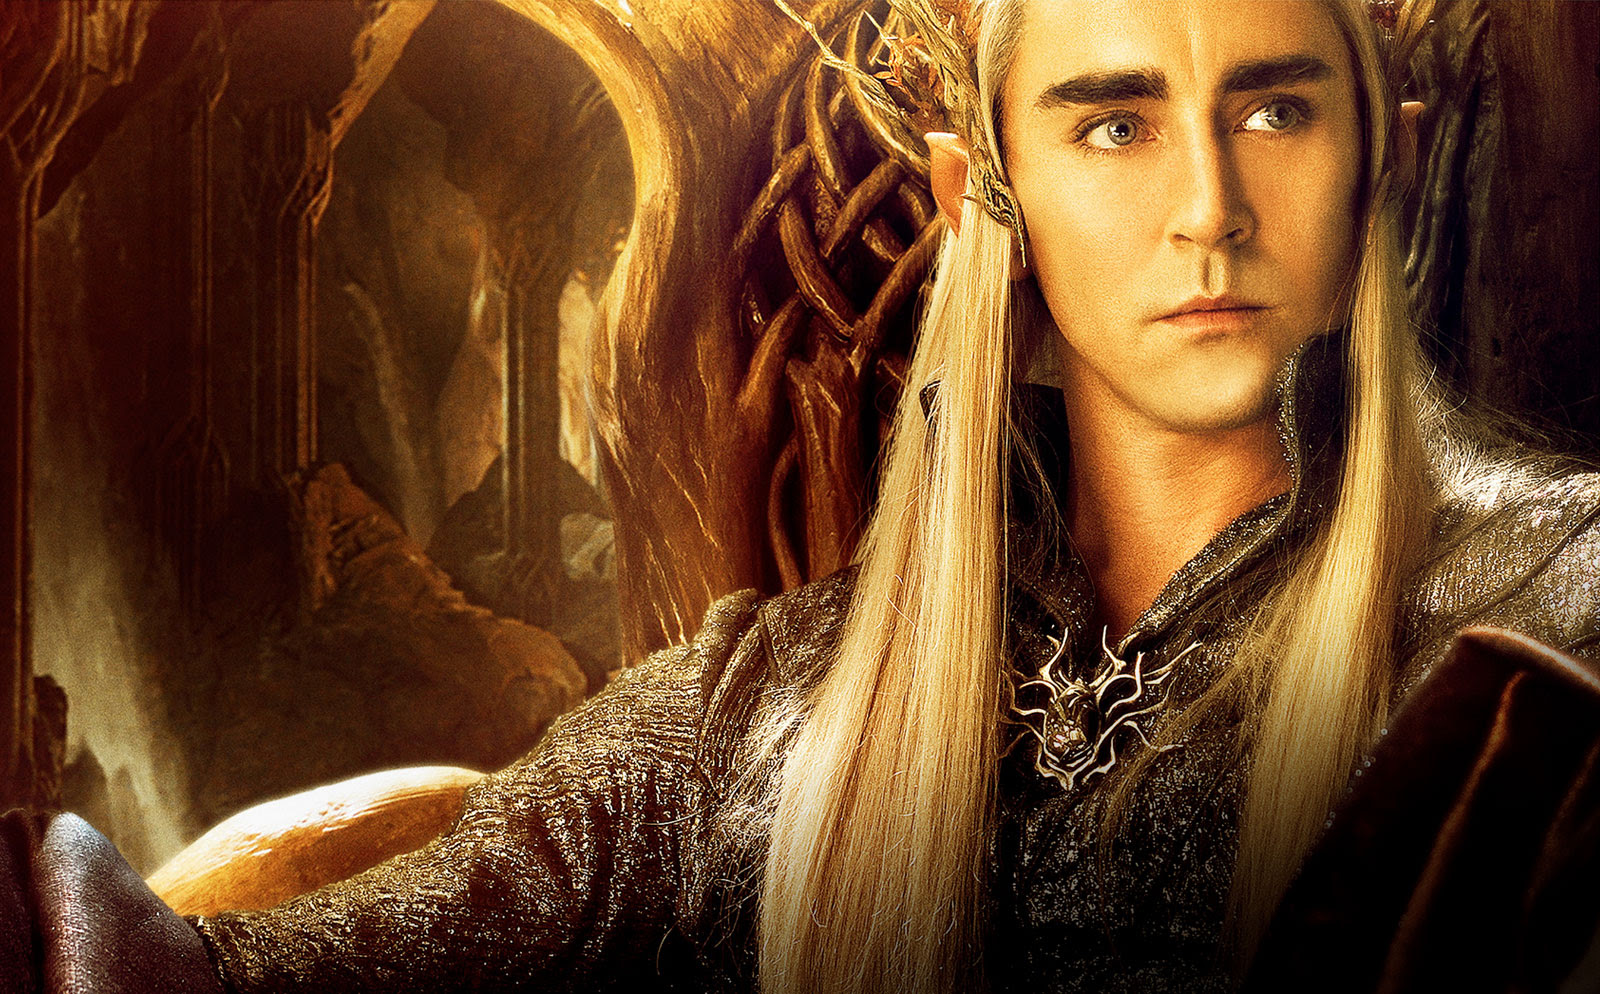 Elves! Dwarves! Hobbit! Brandnew artwork for The